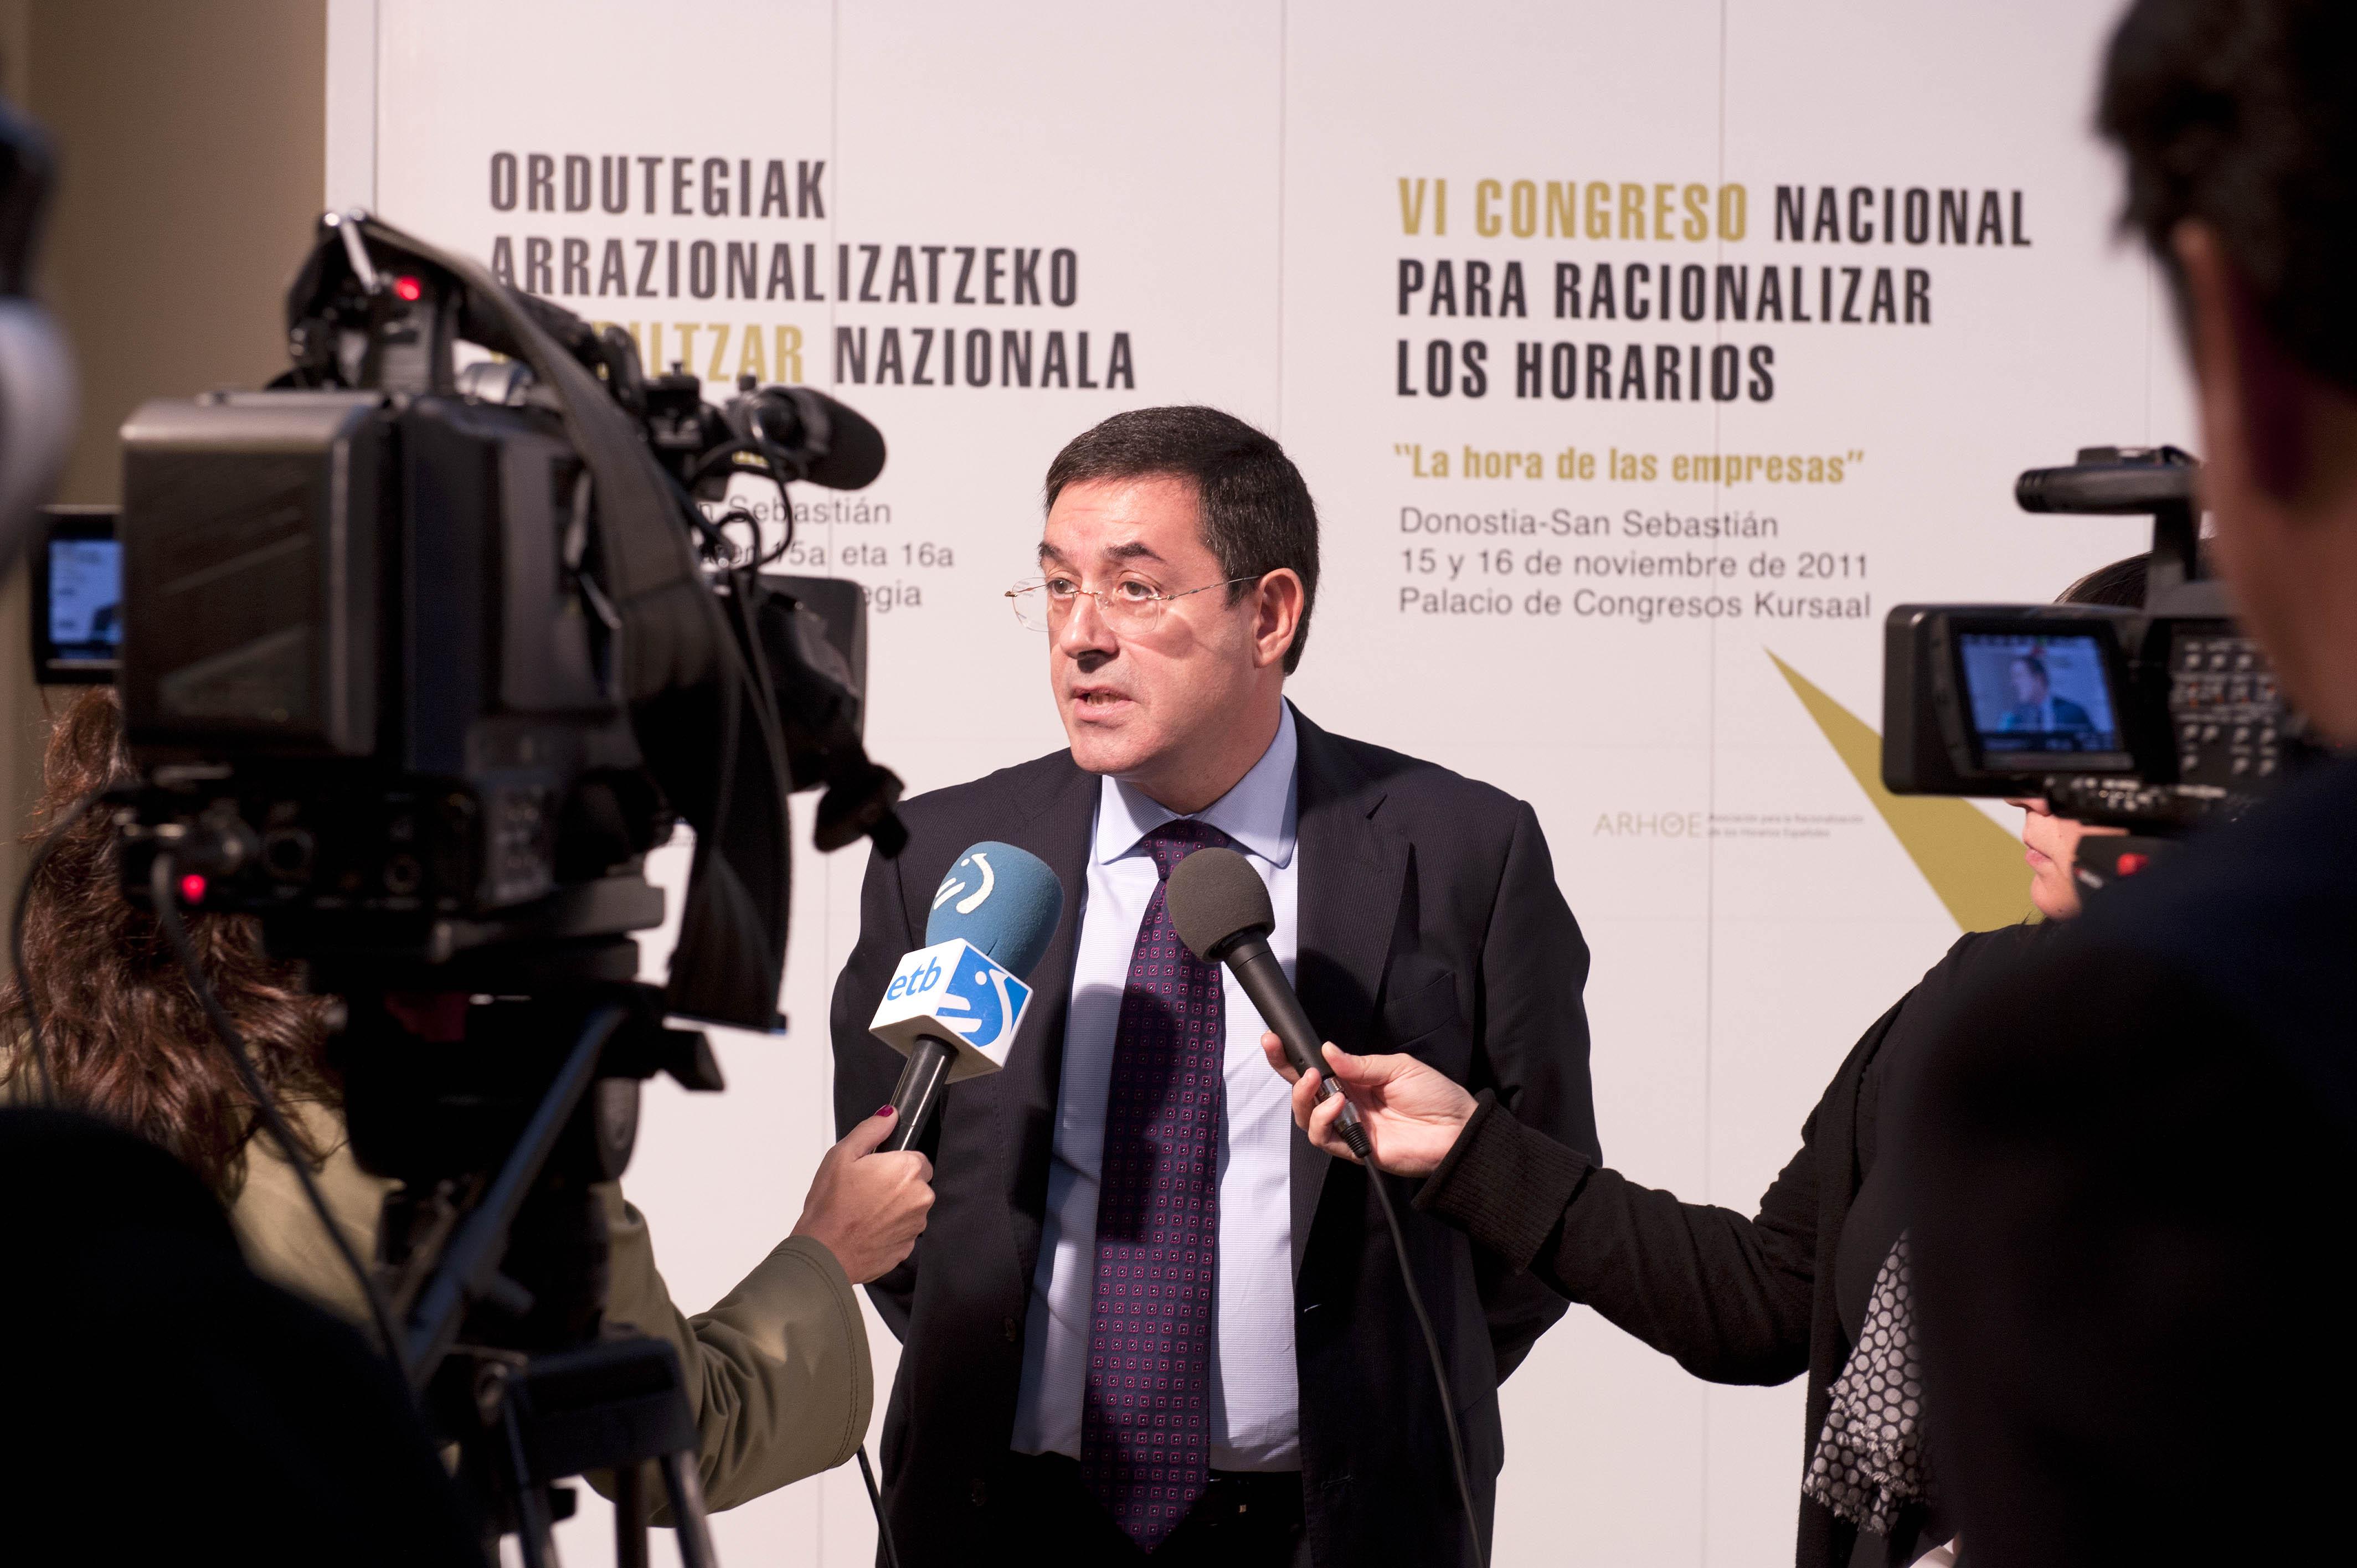 2011_11_15_zabaleta_congreso_racionalizar_horarios15.jpg